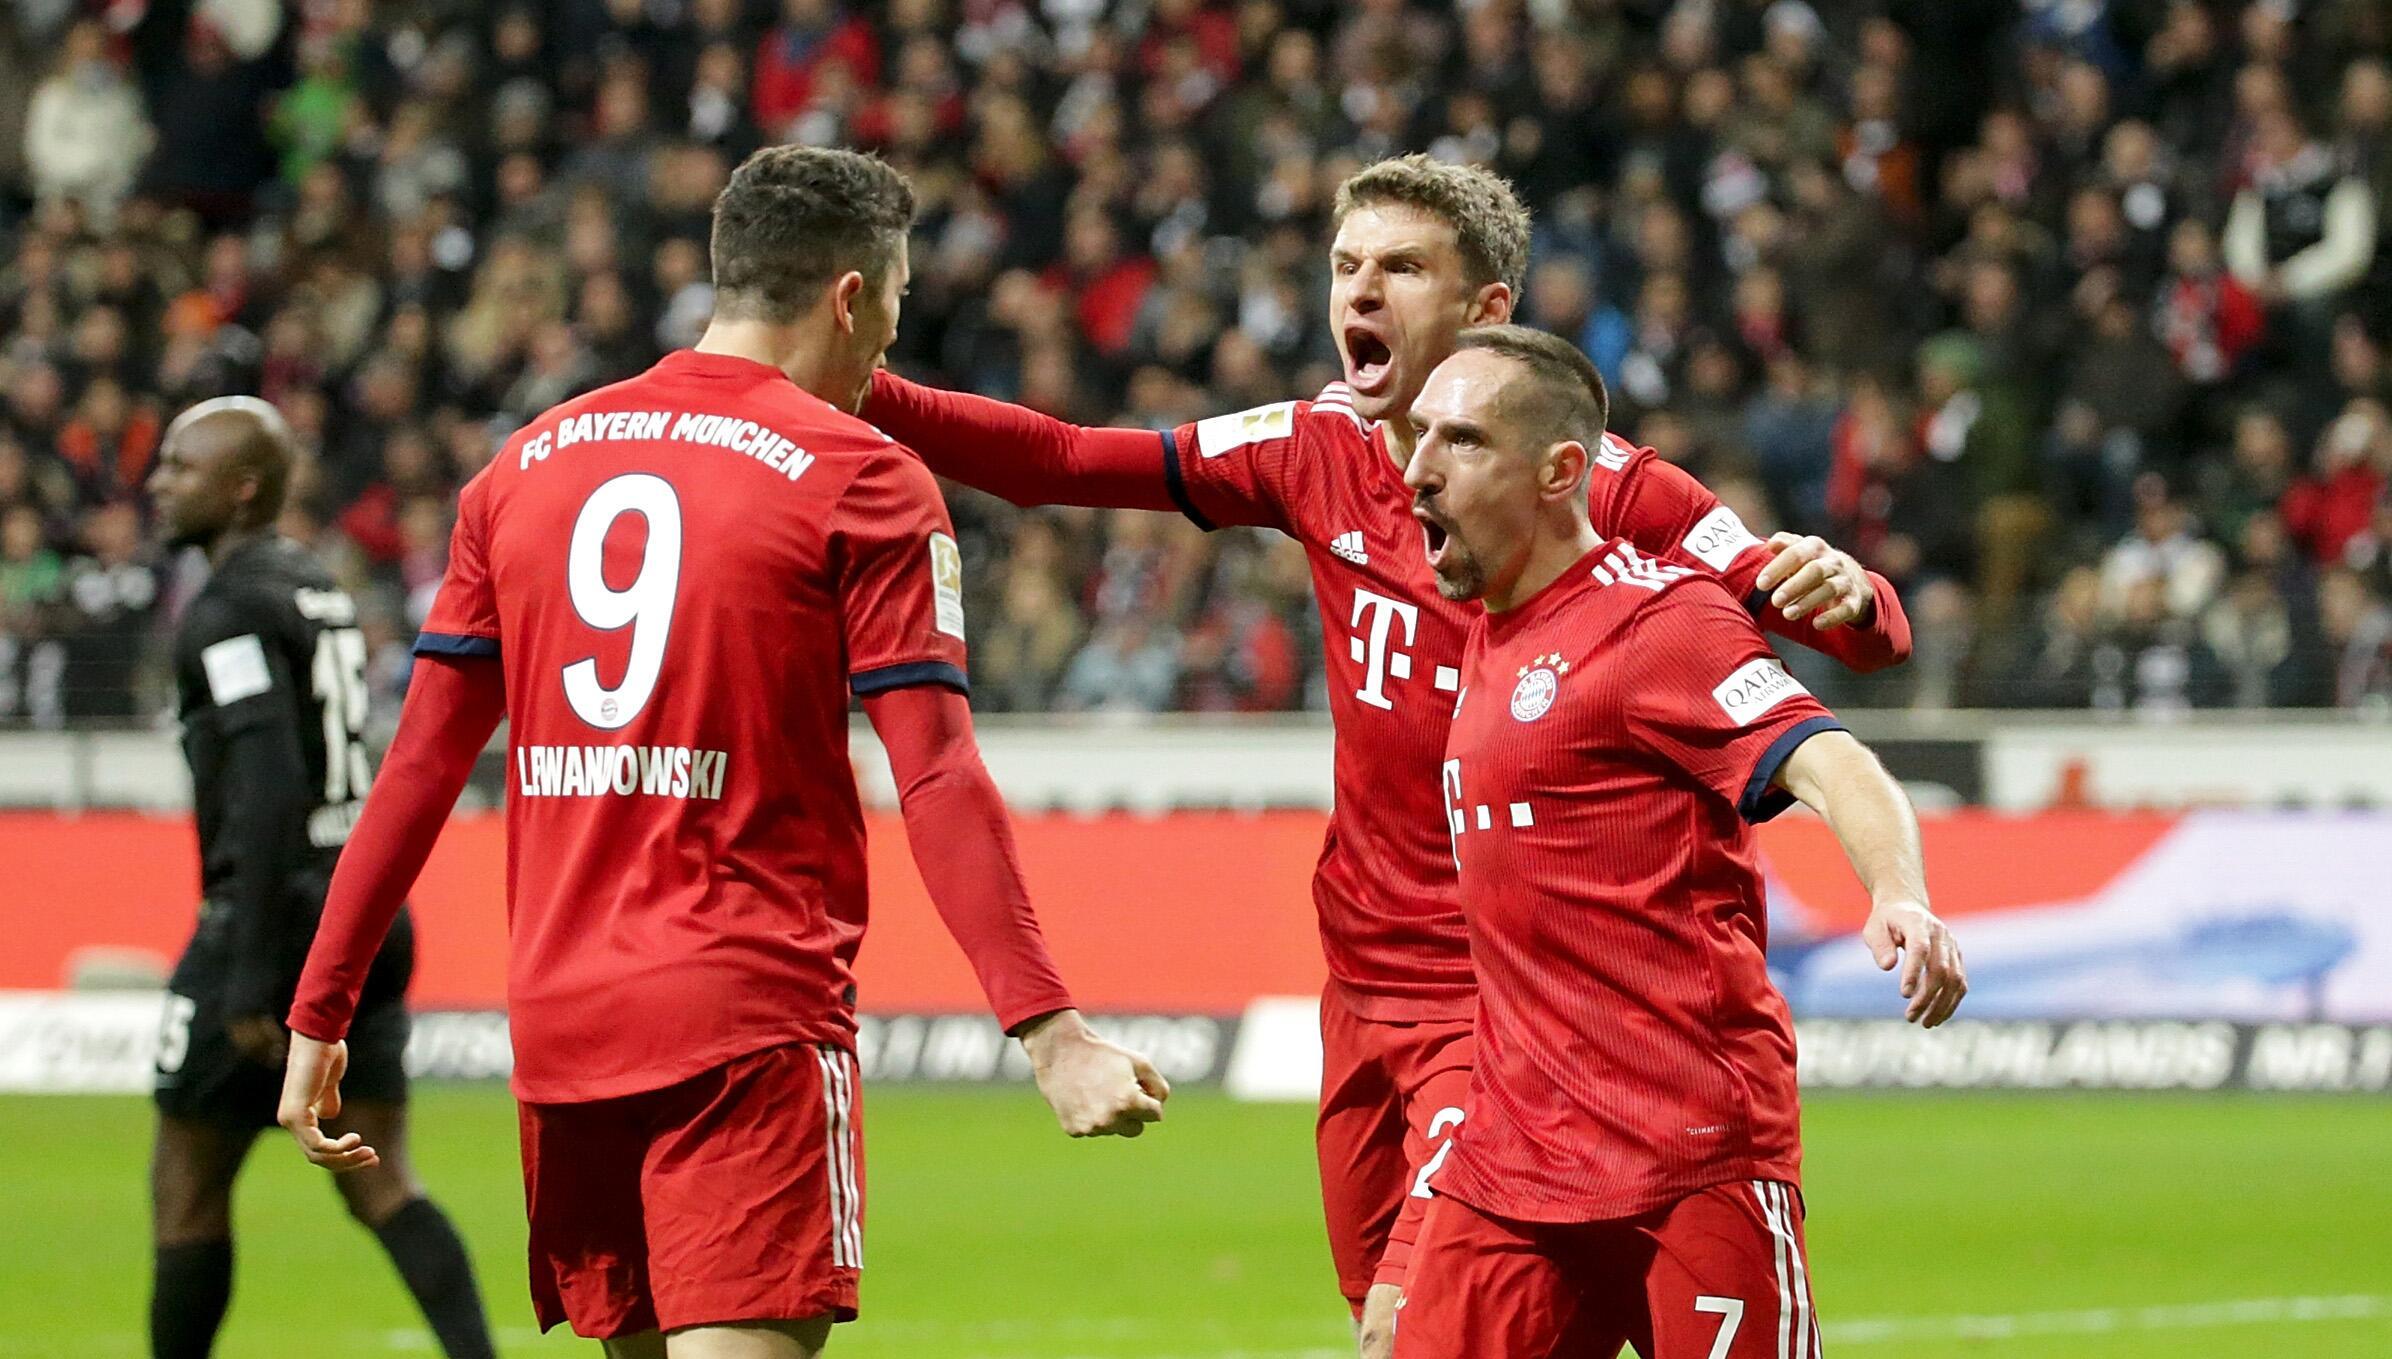 Bild zu Bayern, Bundesliga, Müller, Lewandowski, Ribéry, Frankfurt